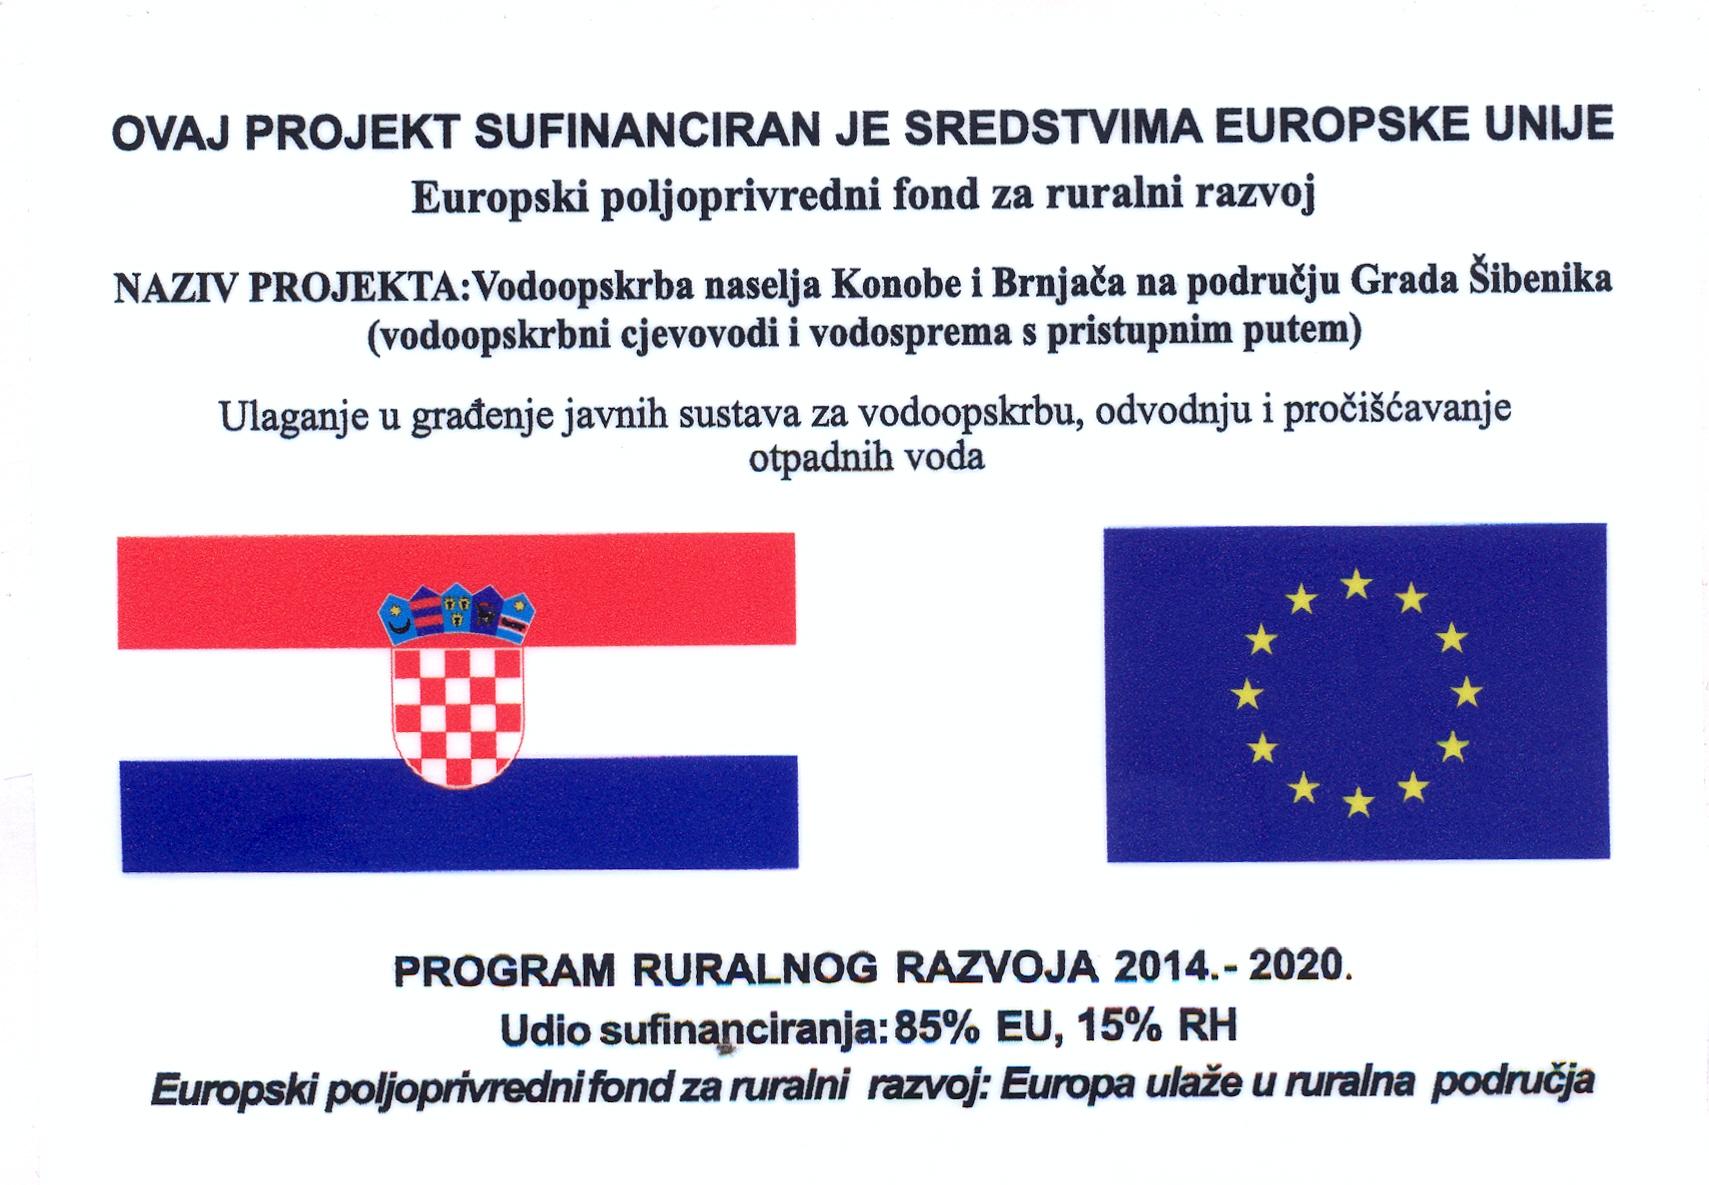 Vodoopskrba naselja Konobe i Brnjača